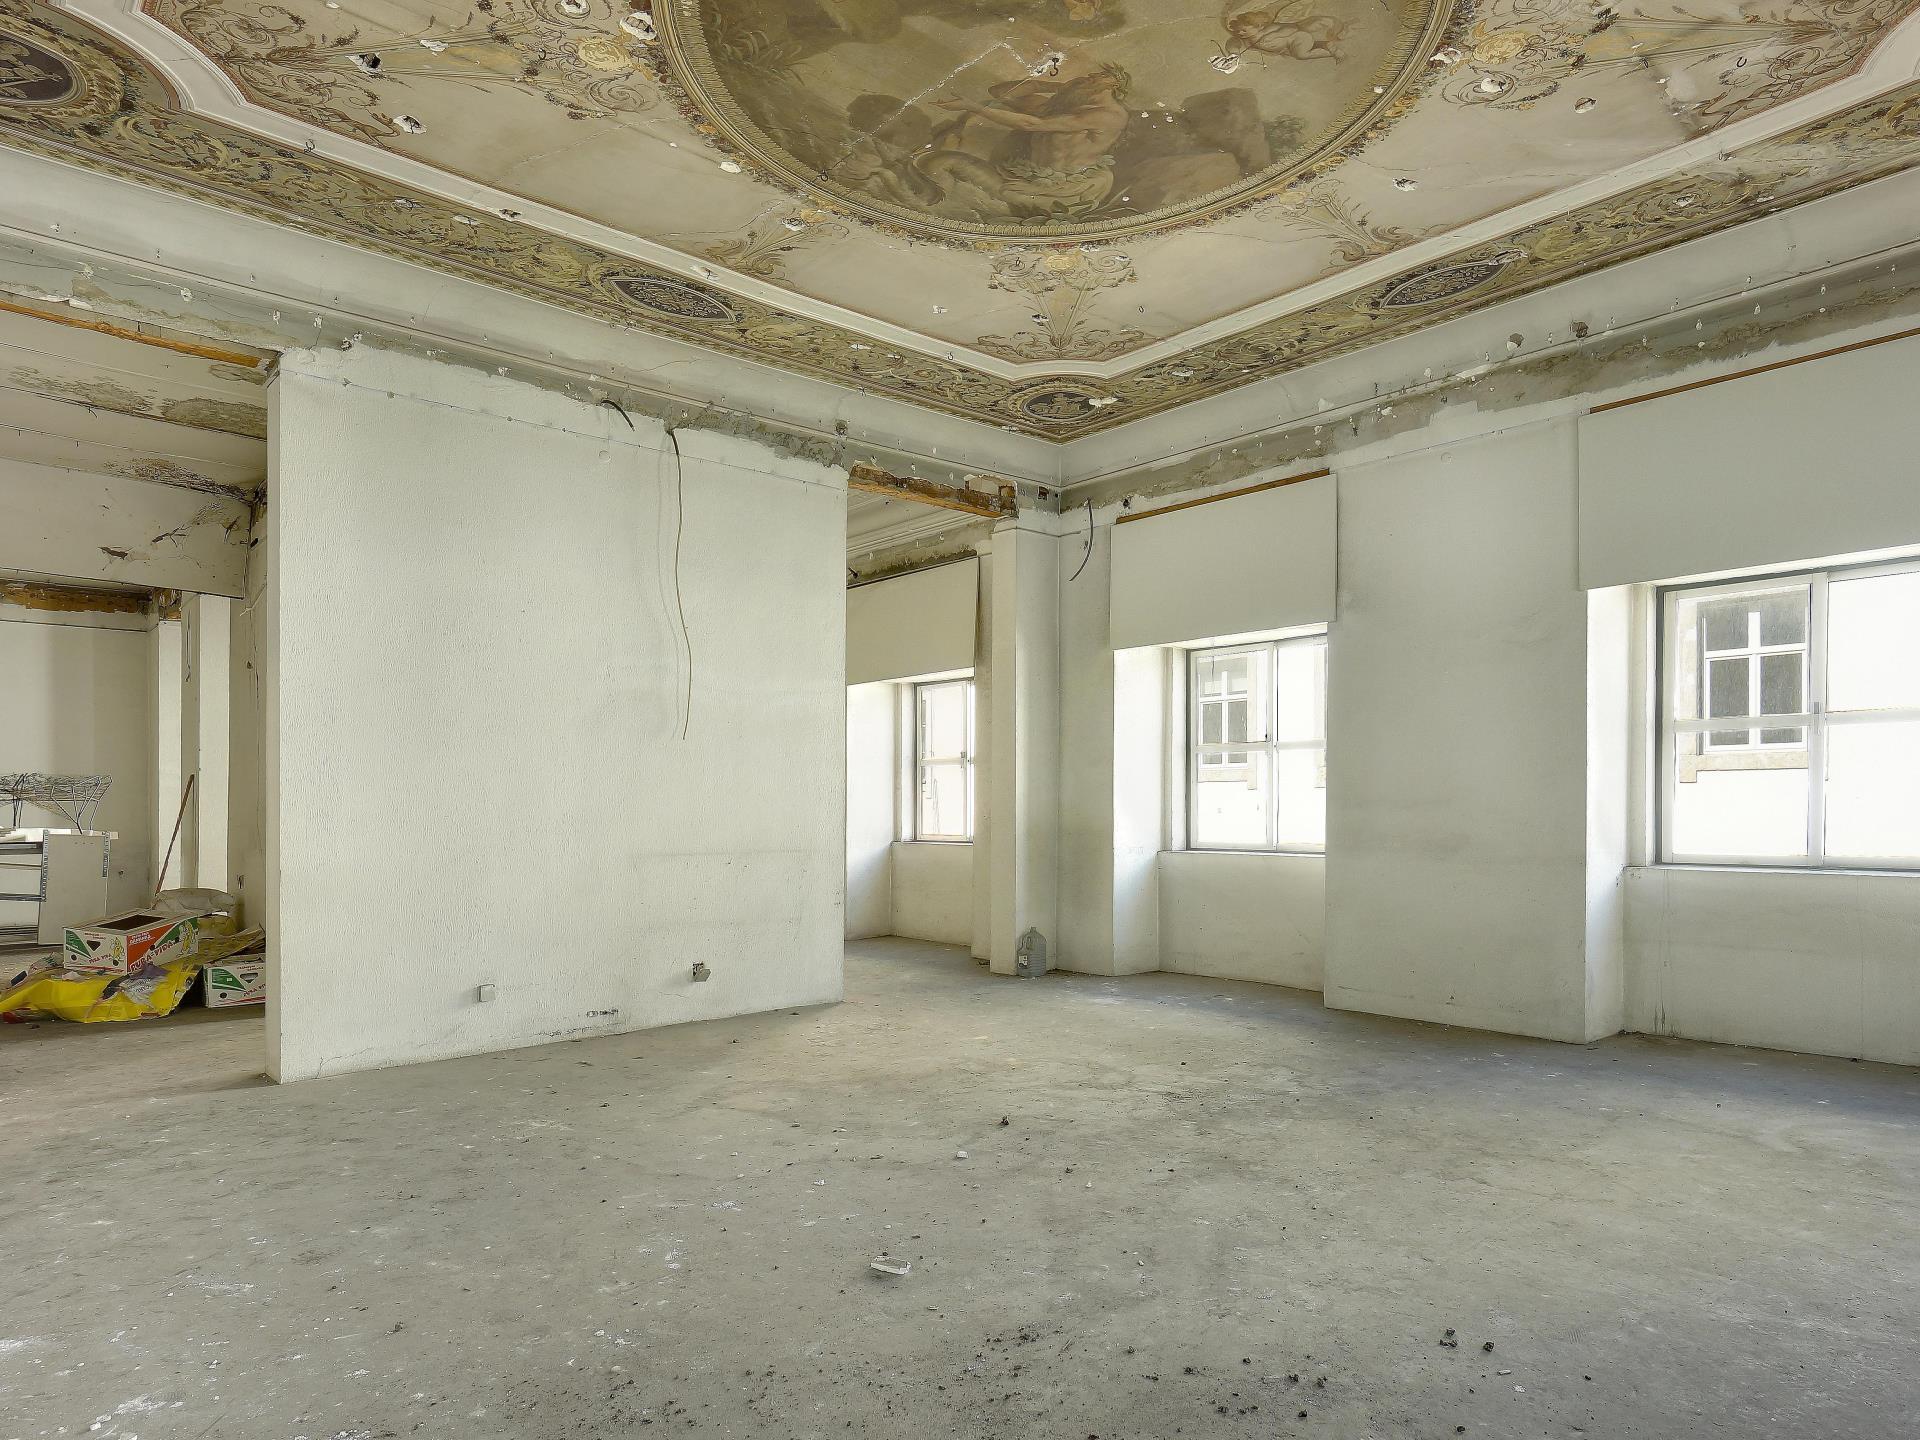 아파트 용 매매 에 Flat, 5 bedrooms, for Sale Baixa, Lisboa, 리스보아 포르투갈